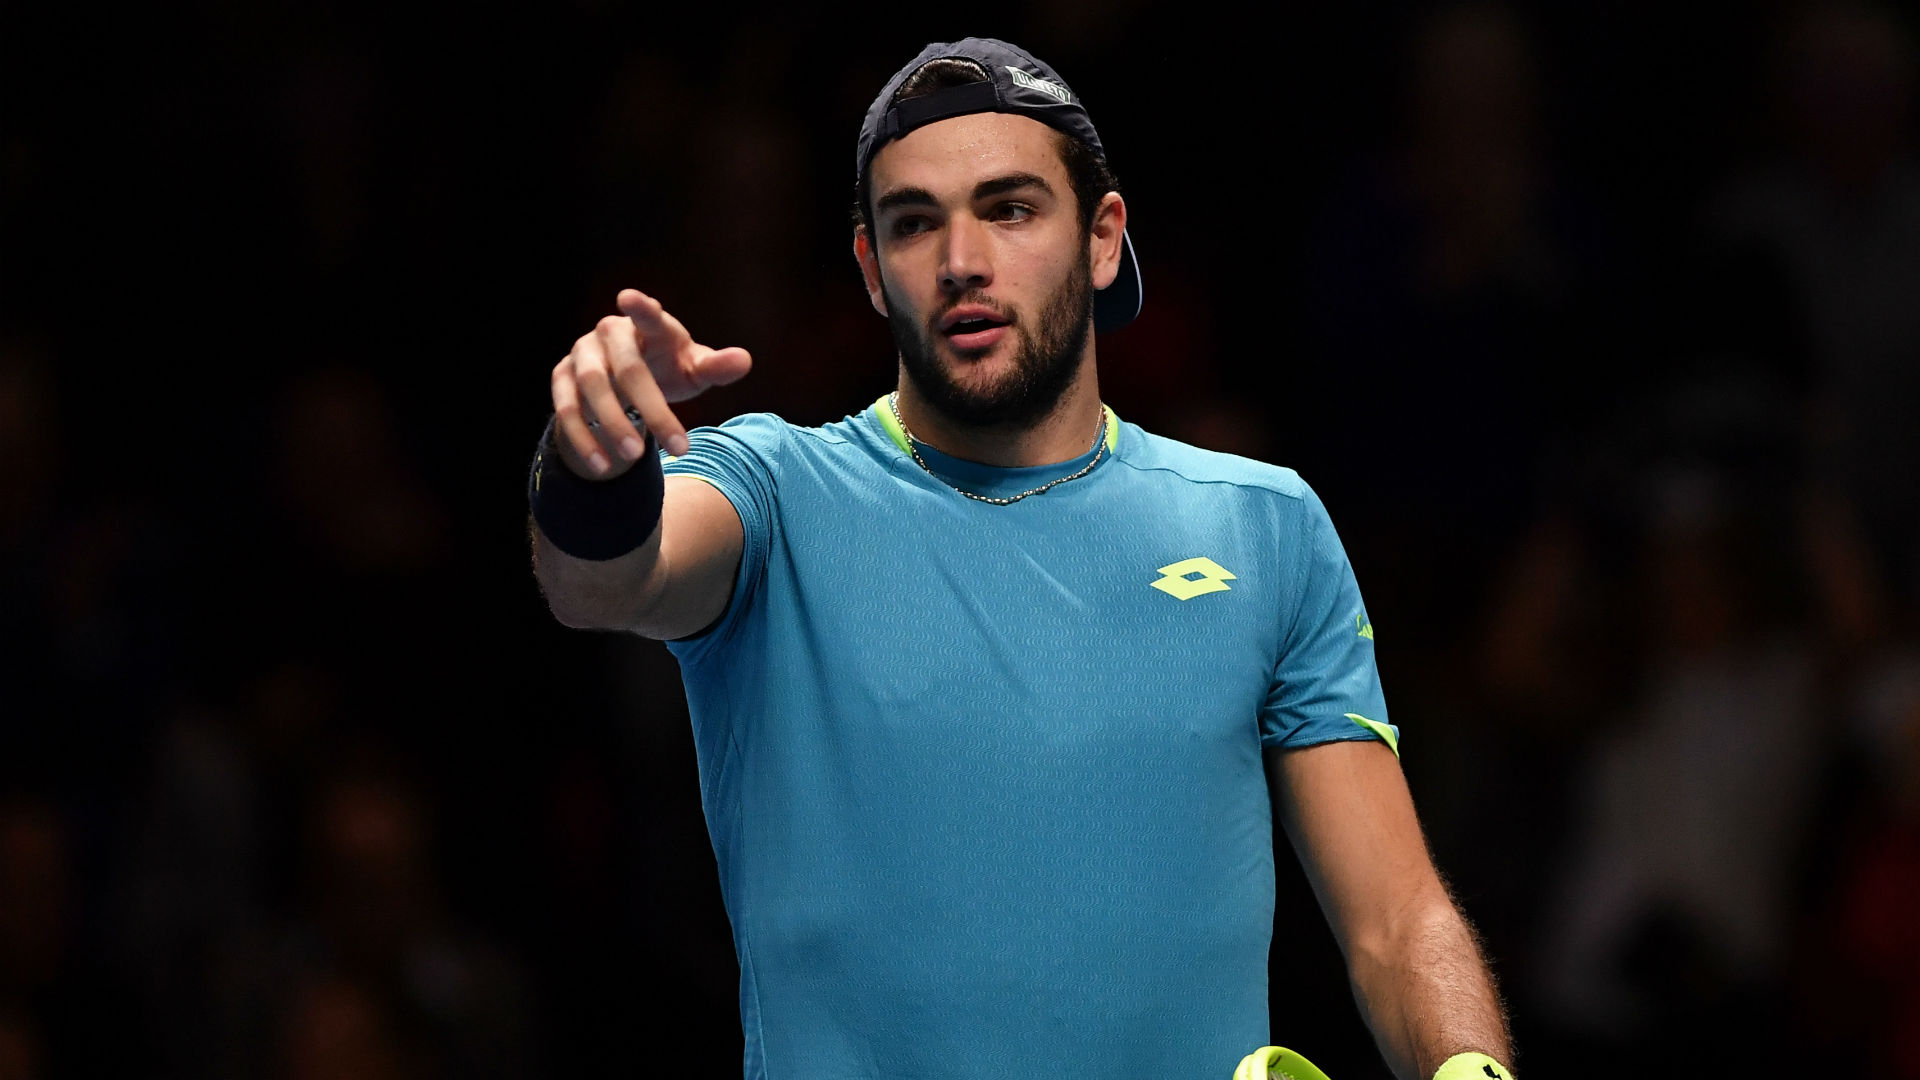 Serbia Open 2021: Matteo Berrettini vs. Taro Daniel Tennis Pick and Prediction